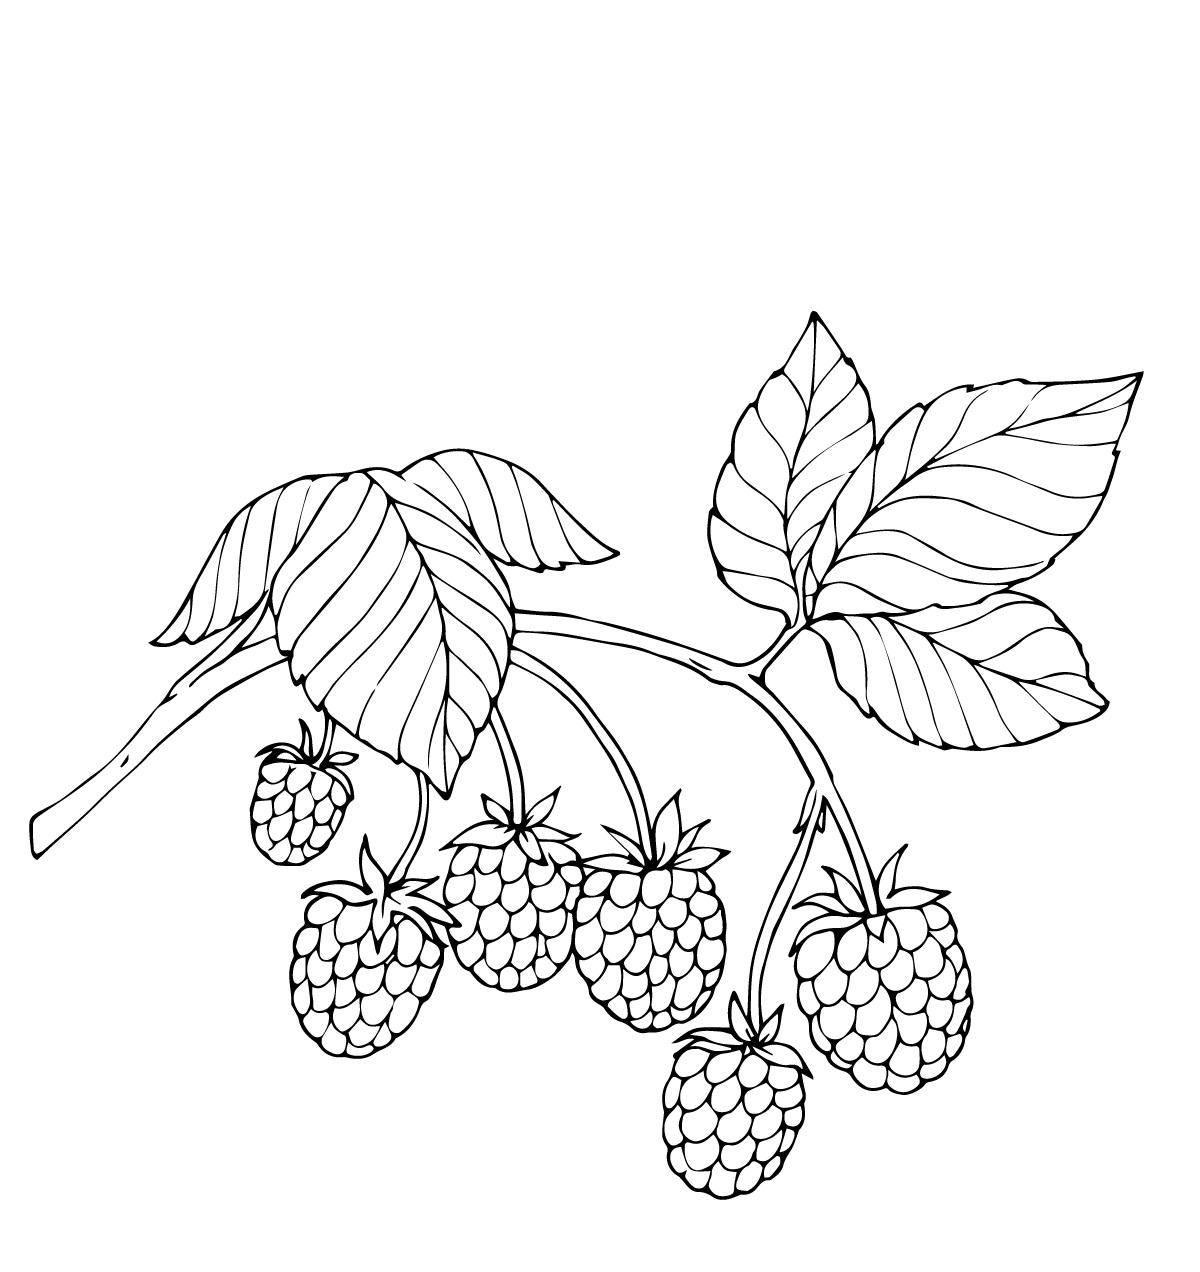 Раскраска ягоды Скачать алладин, принцесса Шахерезада, ковер.  Распечатать ,Персонажи из сказок,